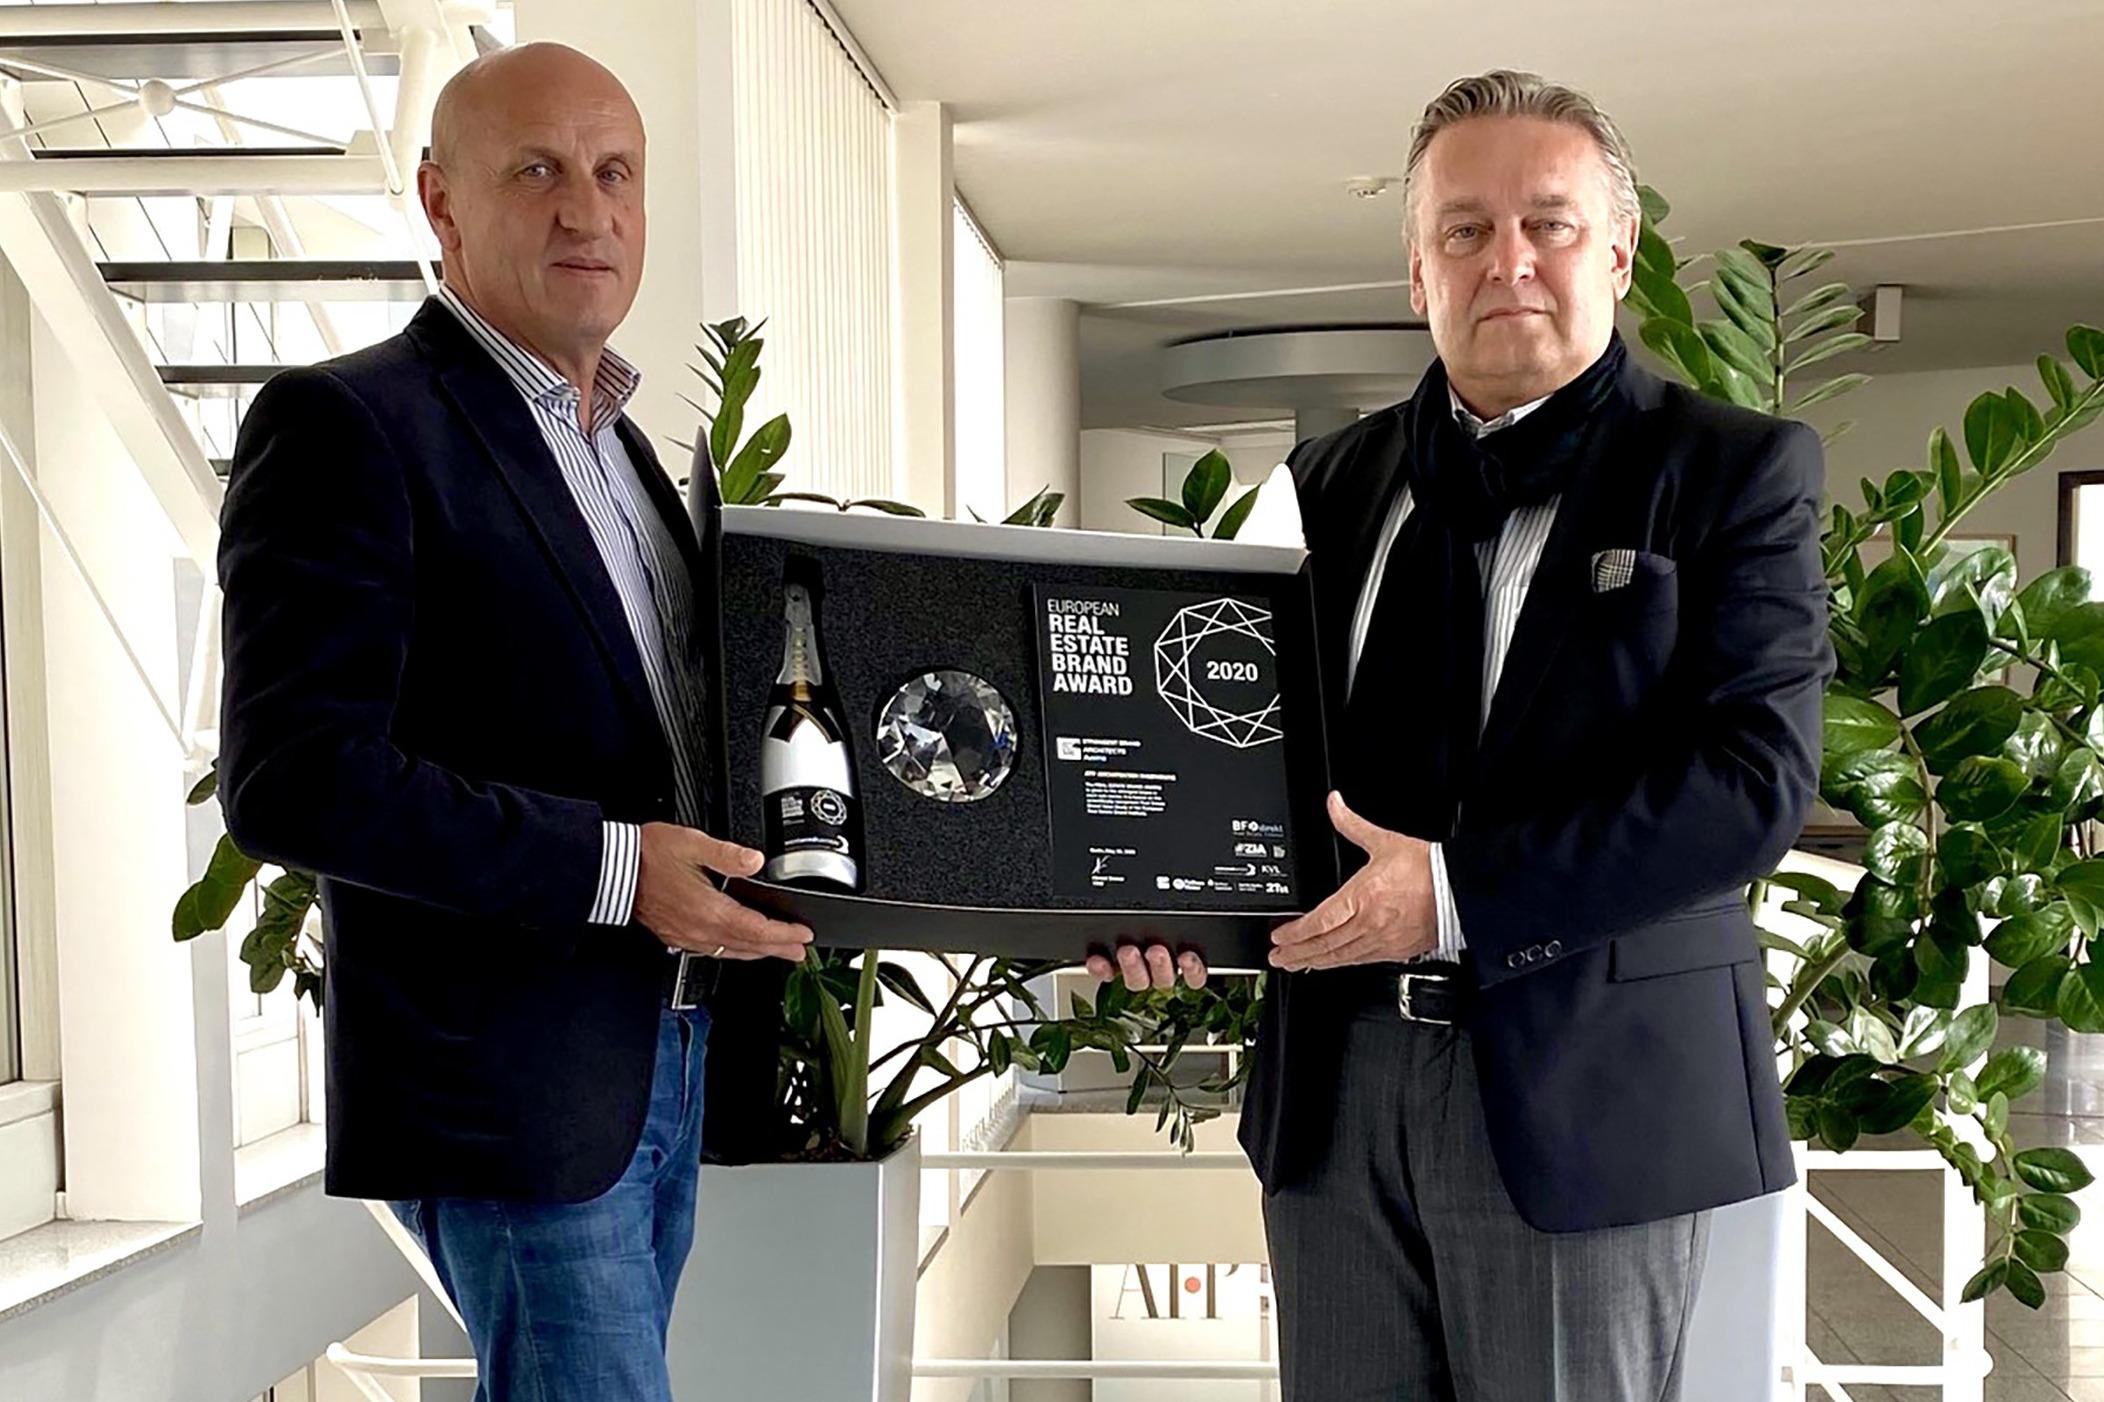 Der Real Estate Brand Award musste heuer per Post zu den ATP-Partnern Horst Reiner und Dario Travaš gelangen.<br><span class='image_copyright'>ATP</span><br>